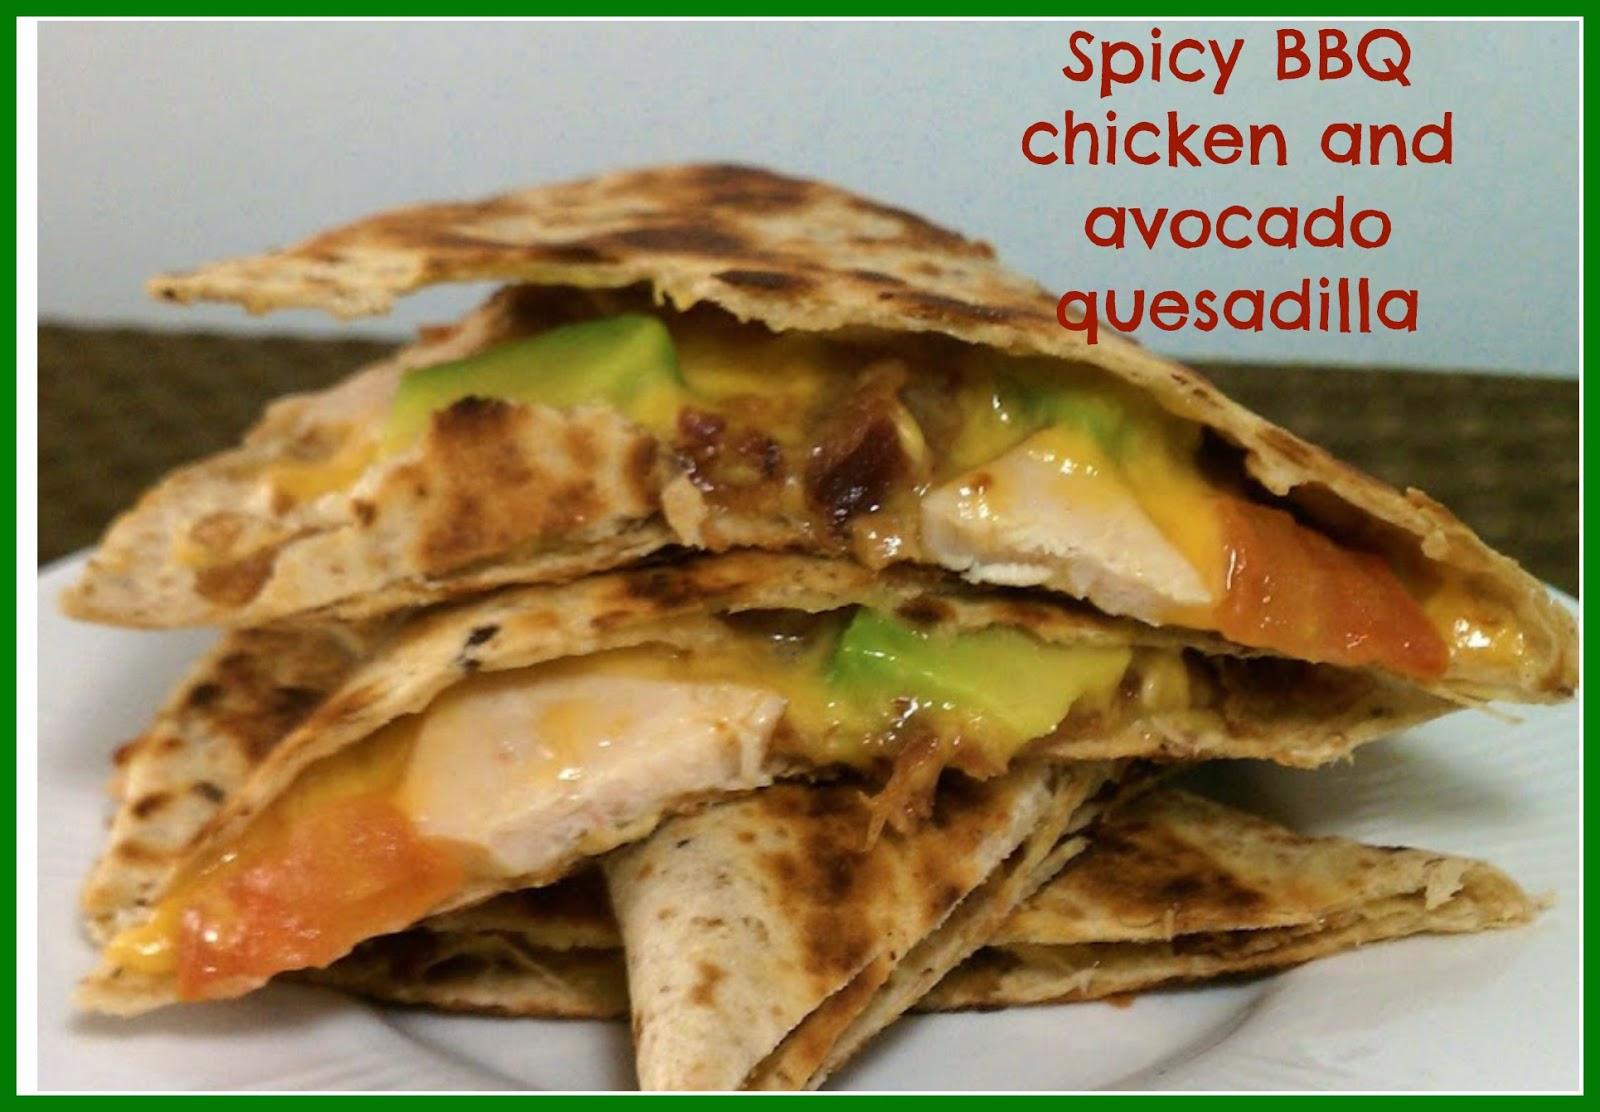 Spicy BBQ chicken avacado quesadilla